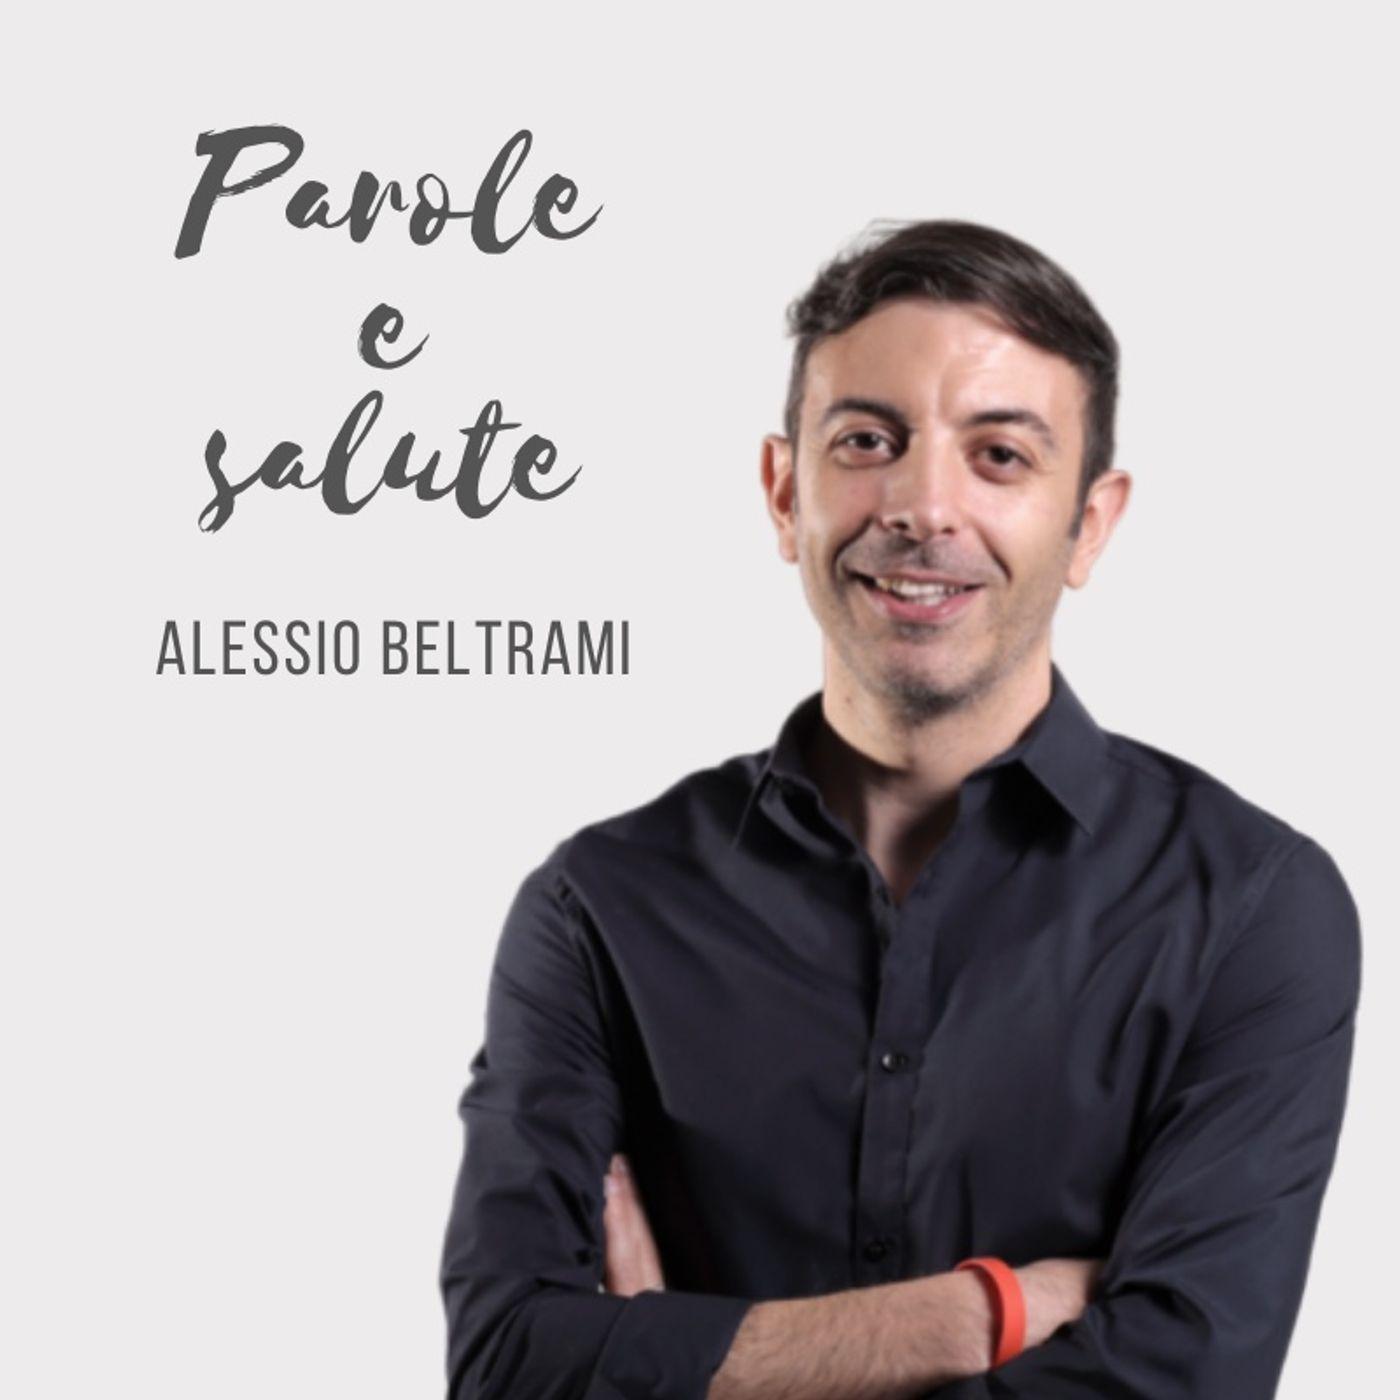 Comunicazione e marketing grazie ai contenuti - con Alessio Beltrami